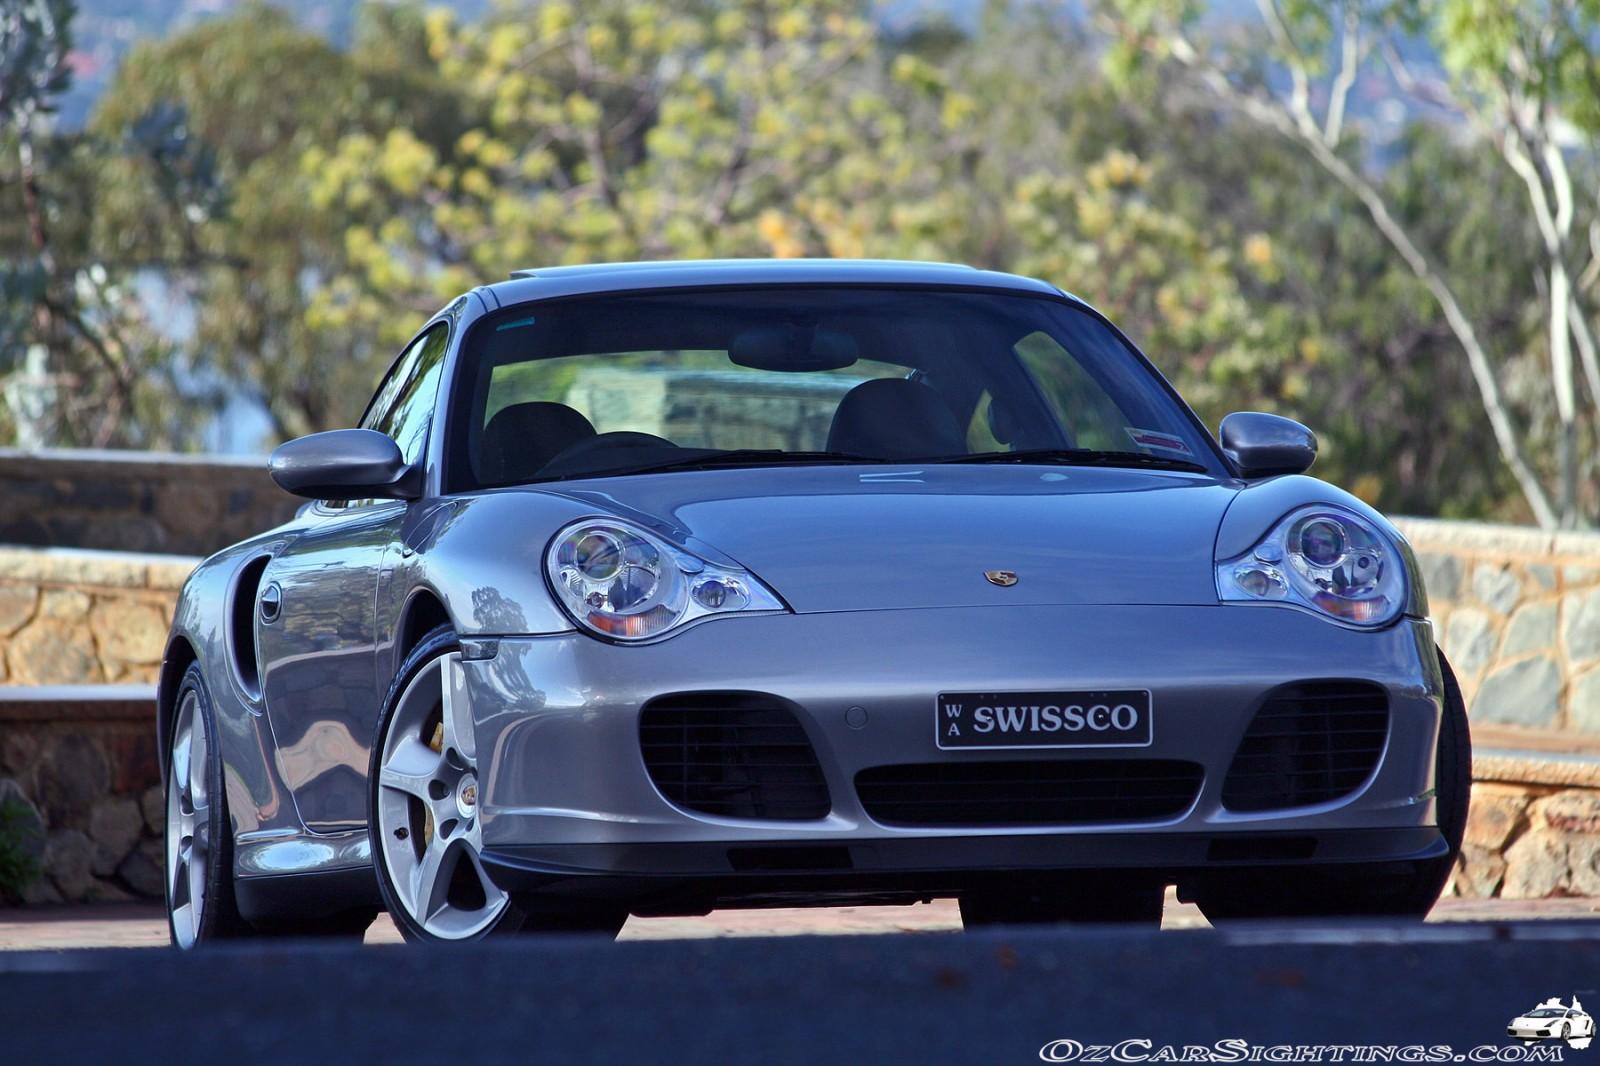 porsche 996 turbo s (11) dingo